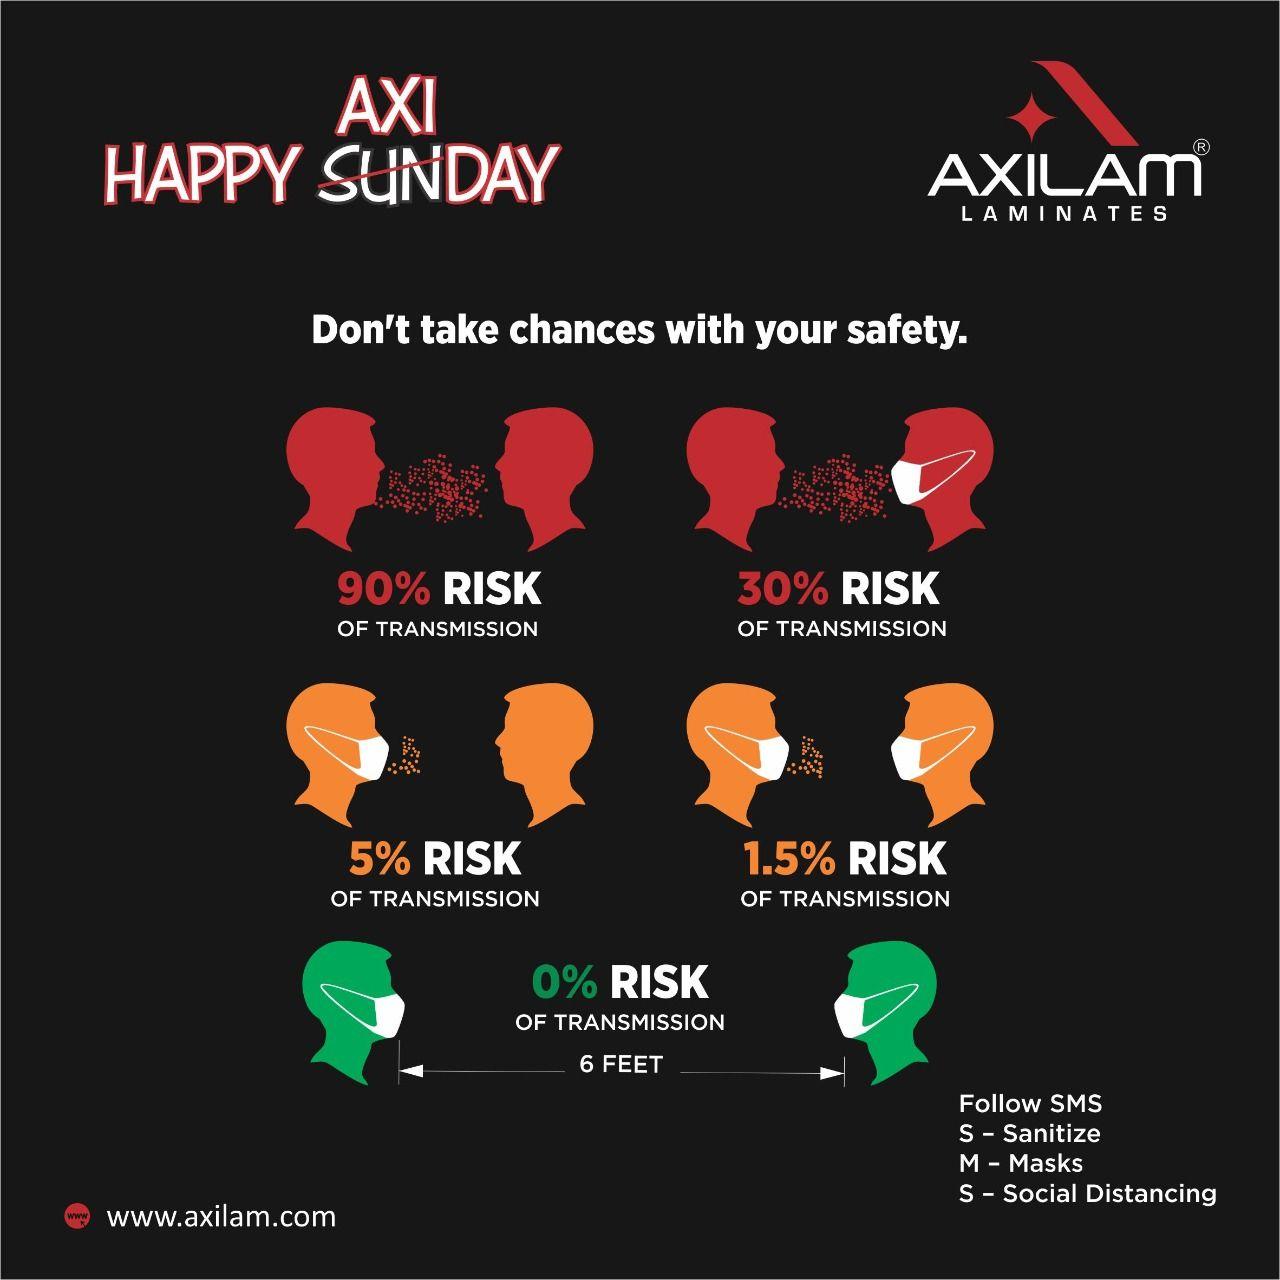 Happy Axiday Axiday Axilam Instalam Laminates Luxurydesign Product Catalogue Laminatedesign Luxurylaminates Laminates In 2020 Happy Sunday Laminates Happy